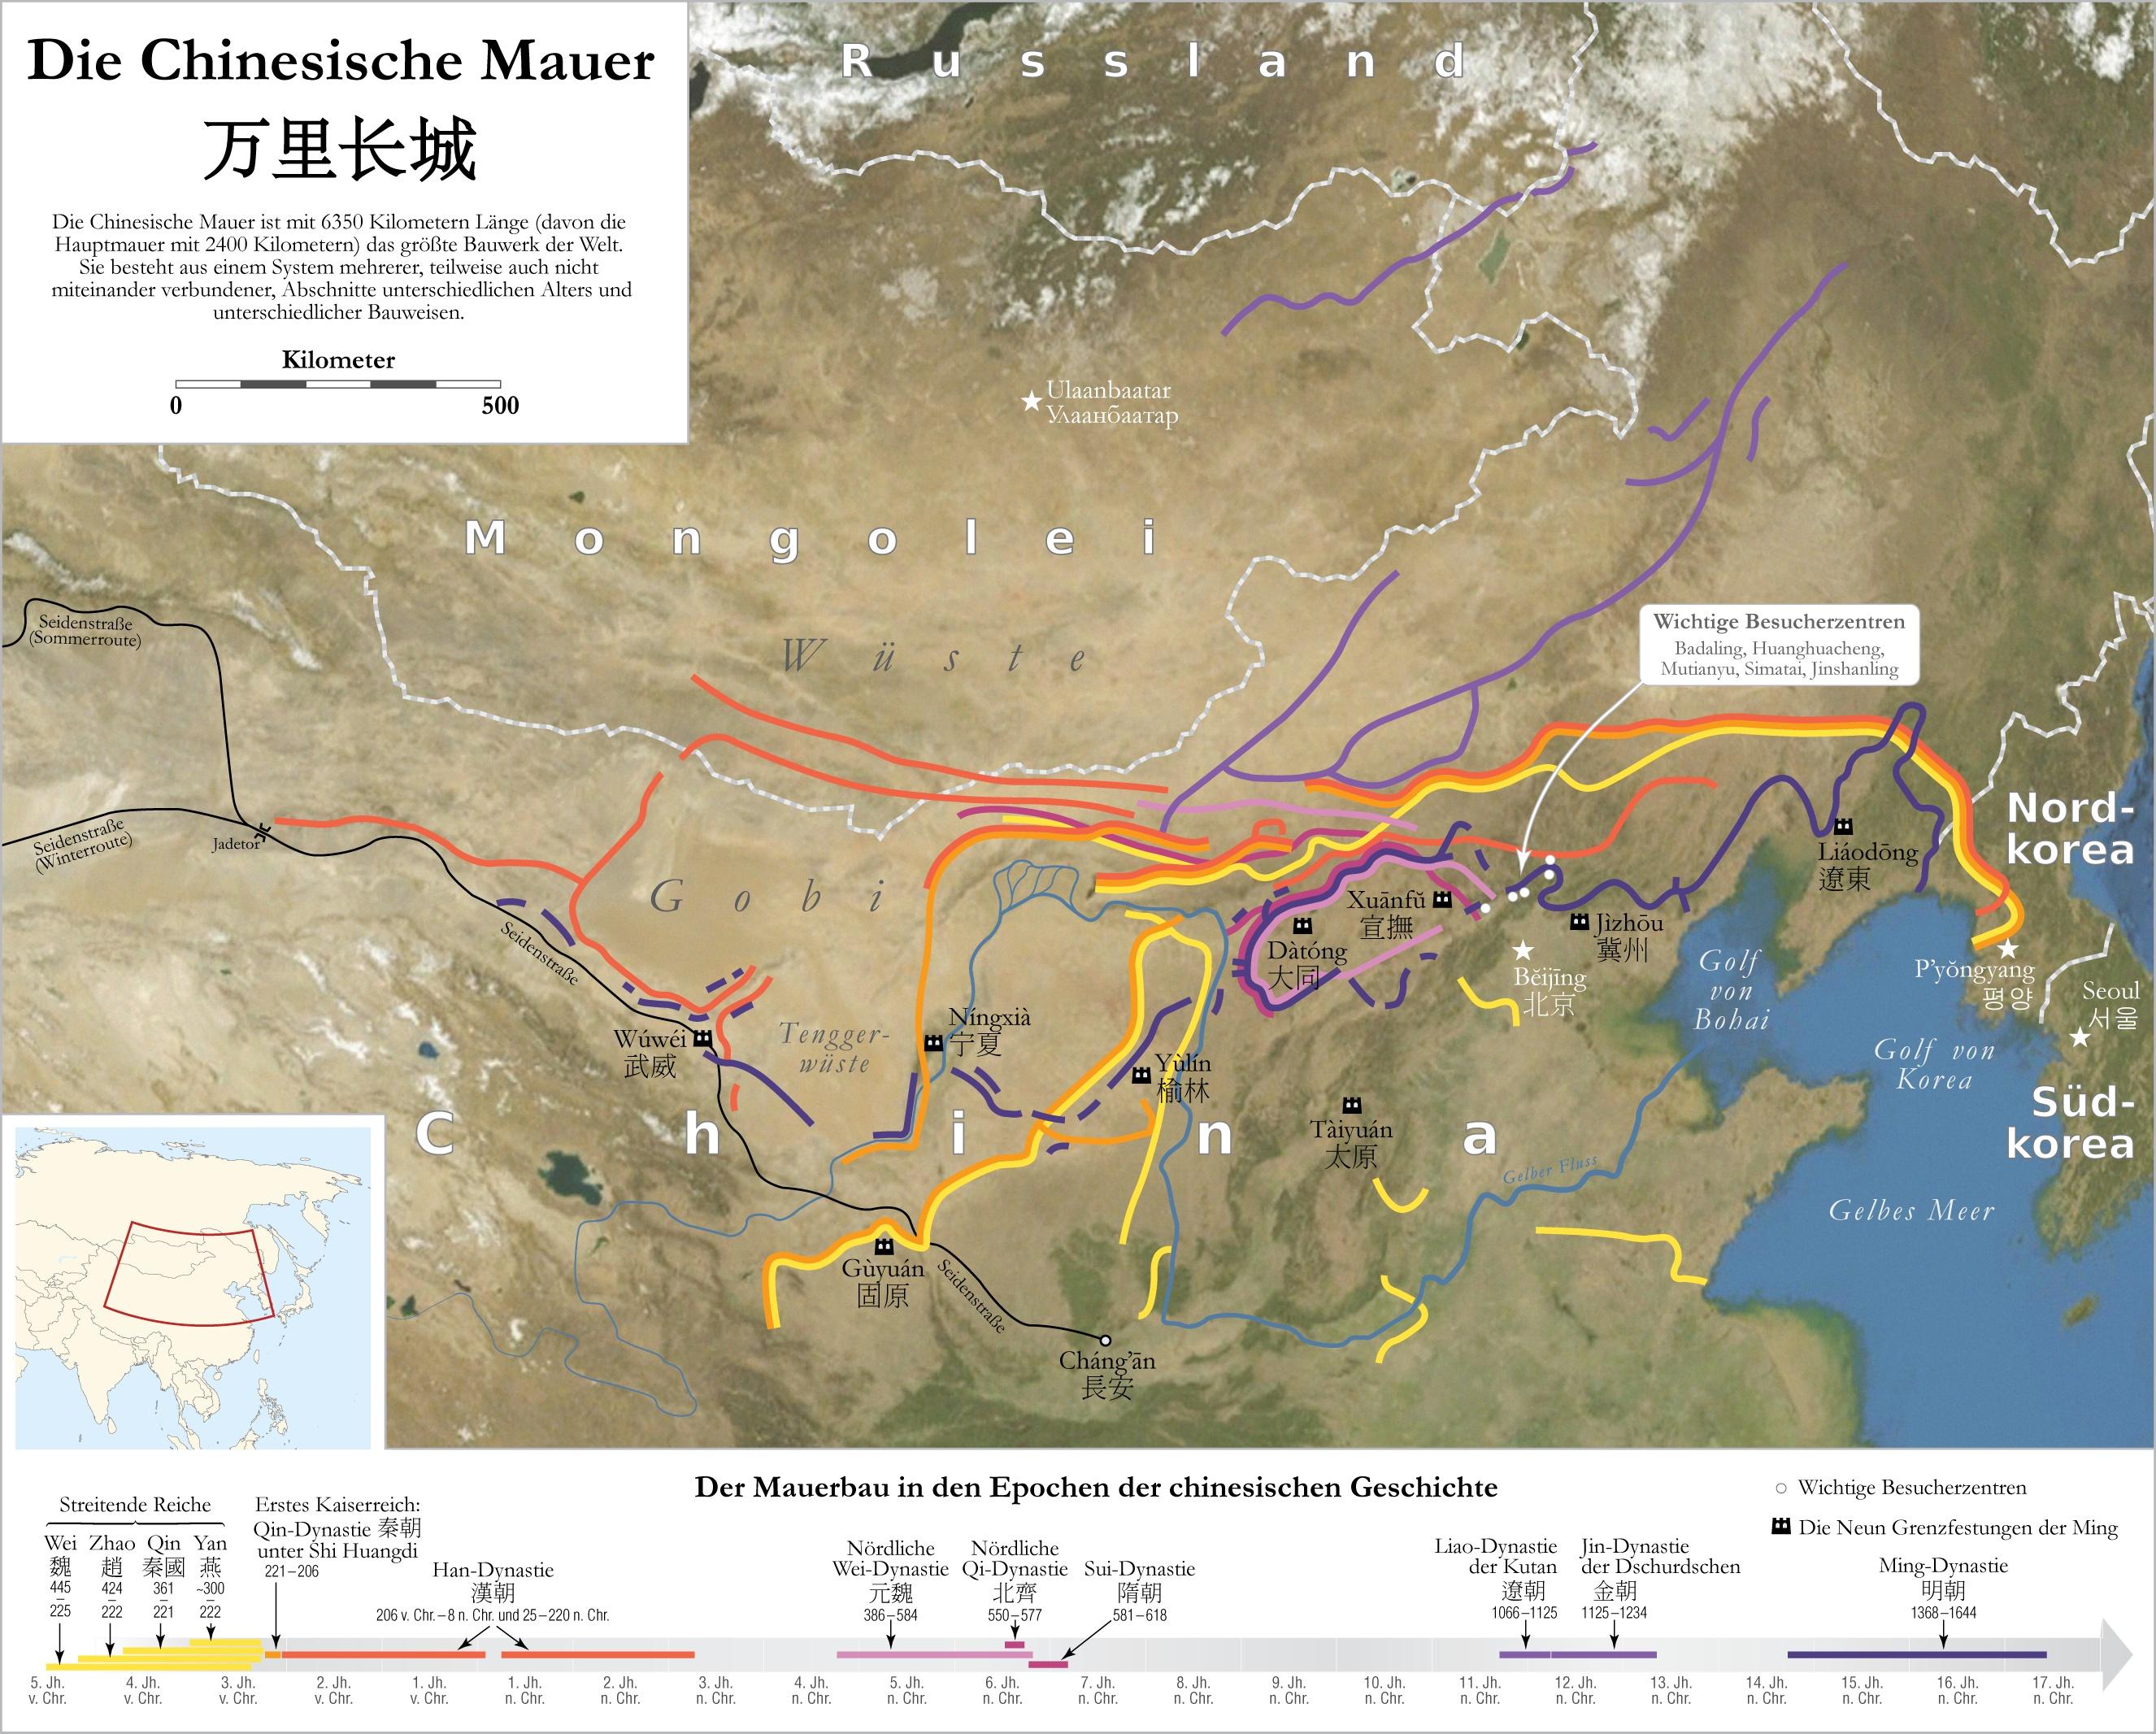 Chinesische Mauer Karte.Datei Image Die Chinesische Mauer Karte Mit Einfachen Linien Jpg